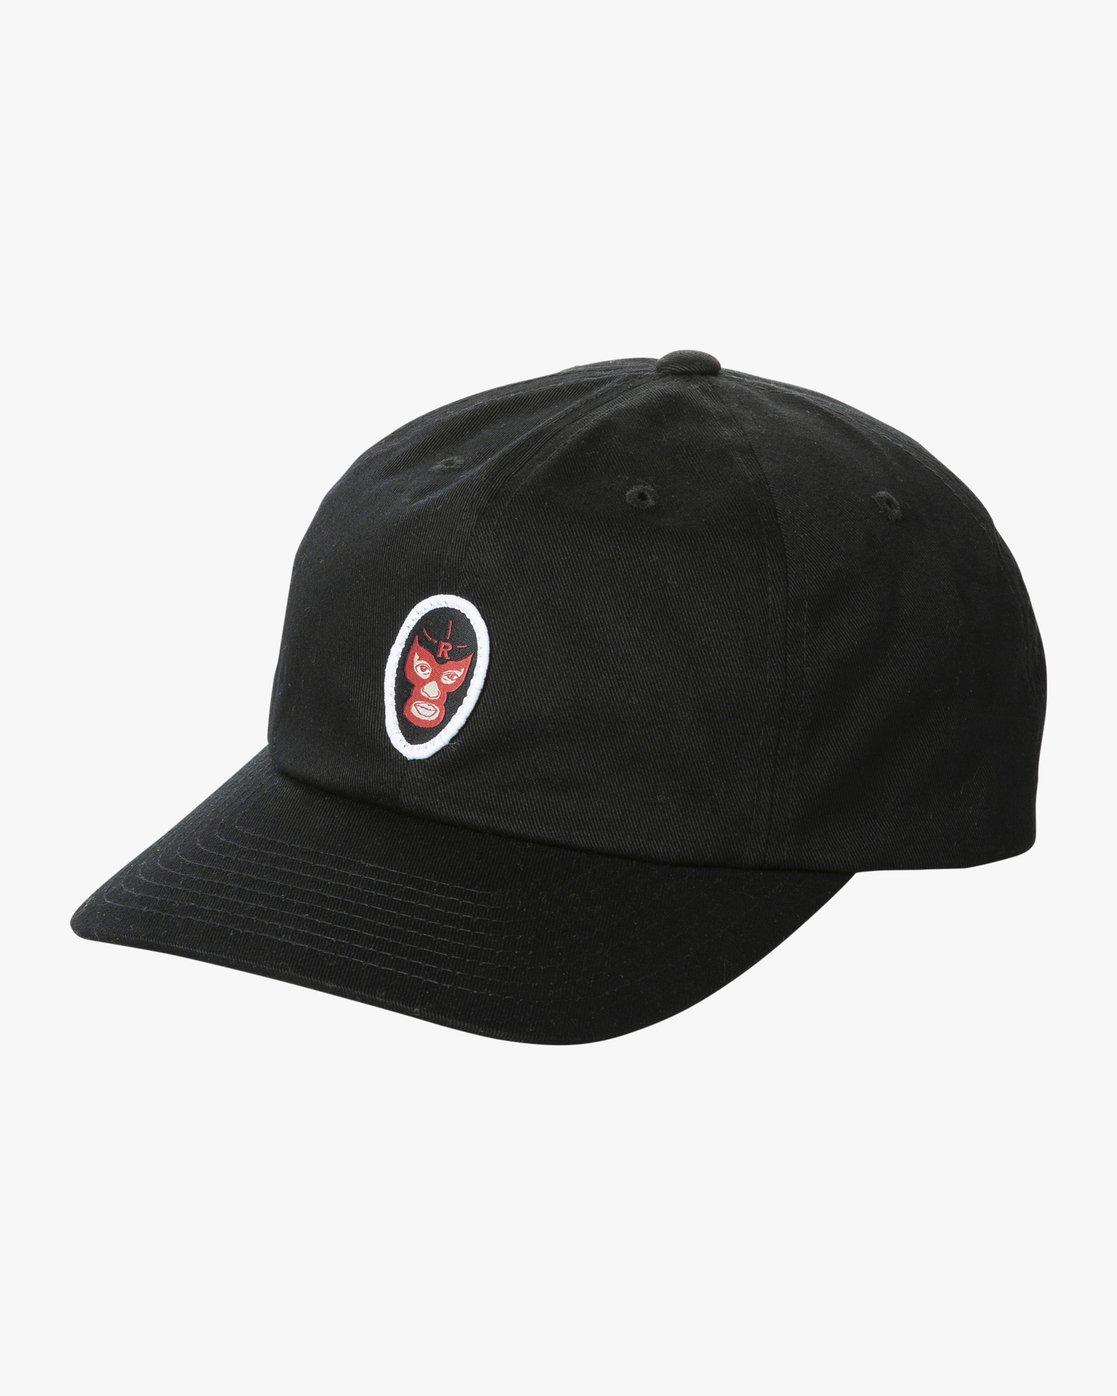 0 Hot Fudge - Cap Black T5CPRARVS0 RVCA